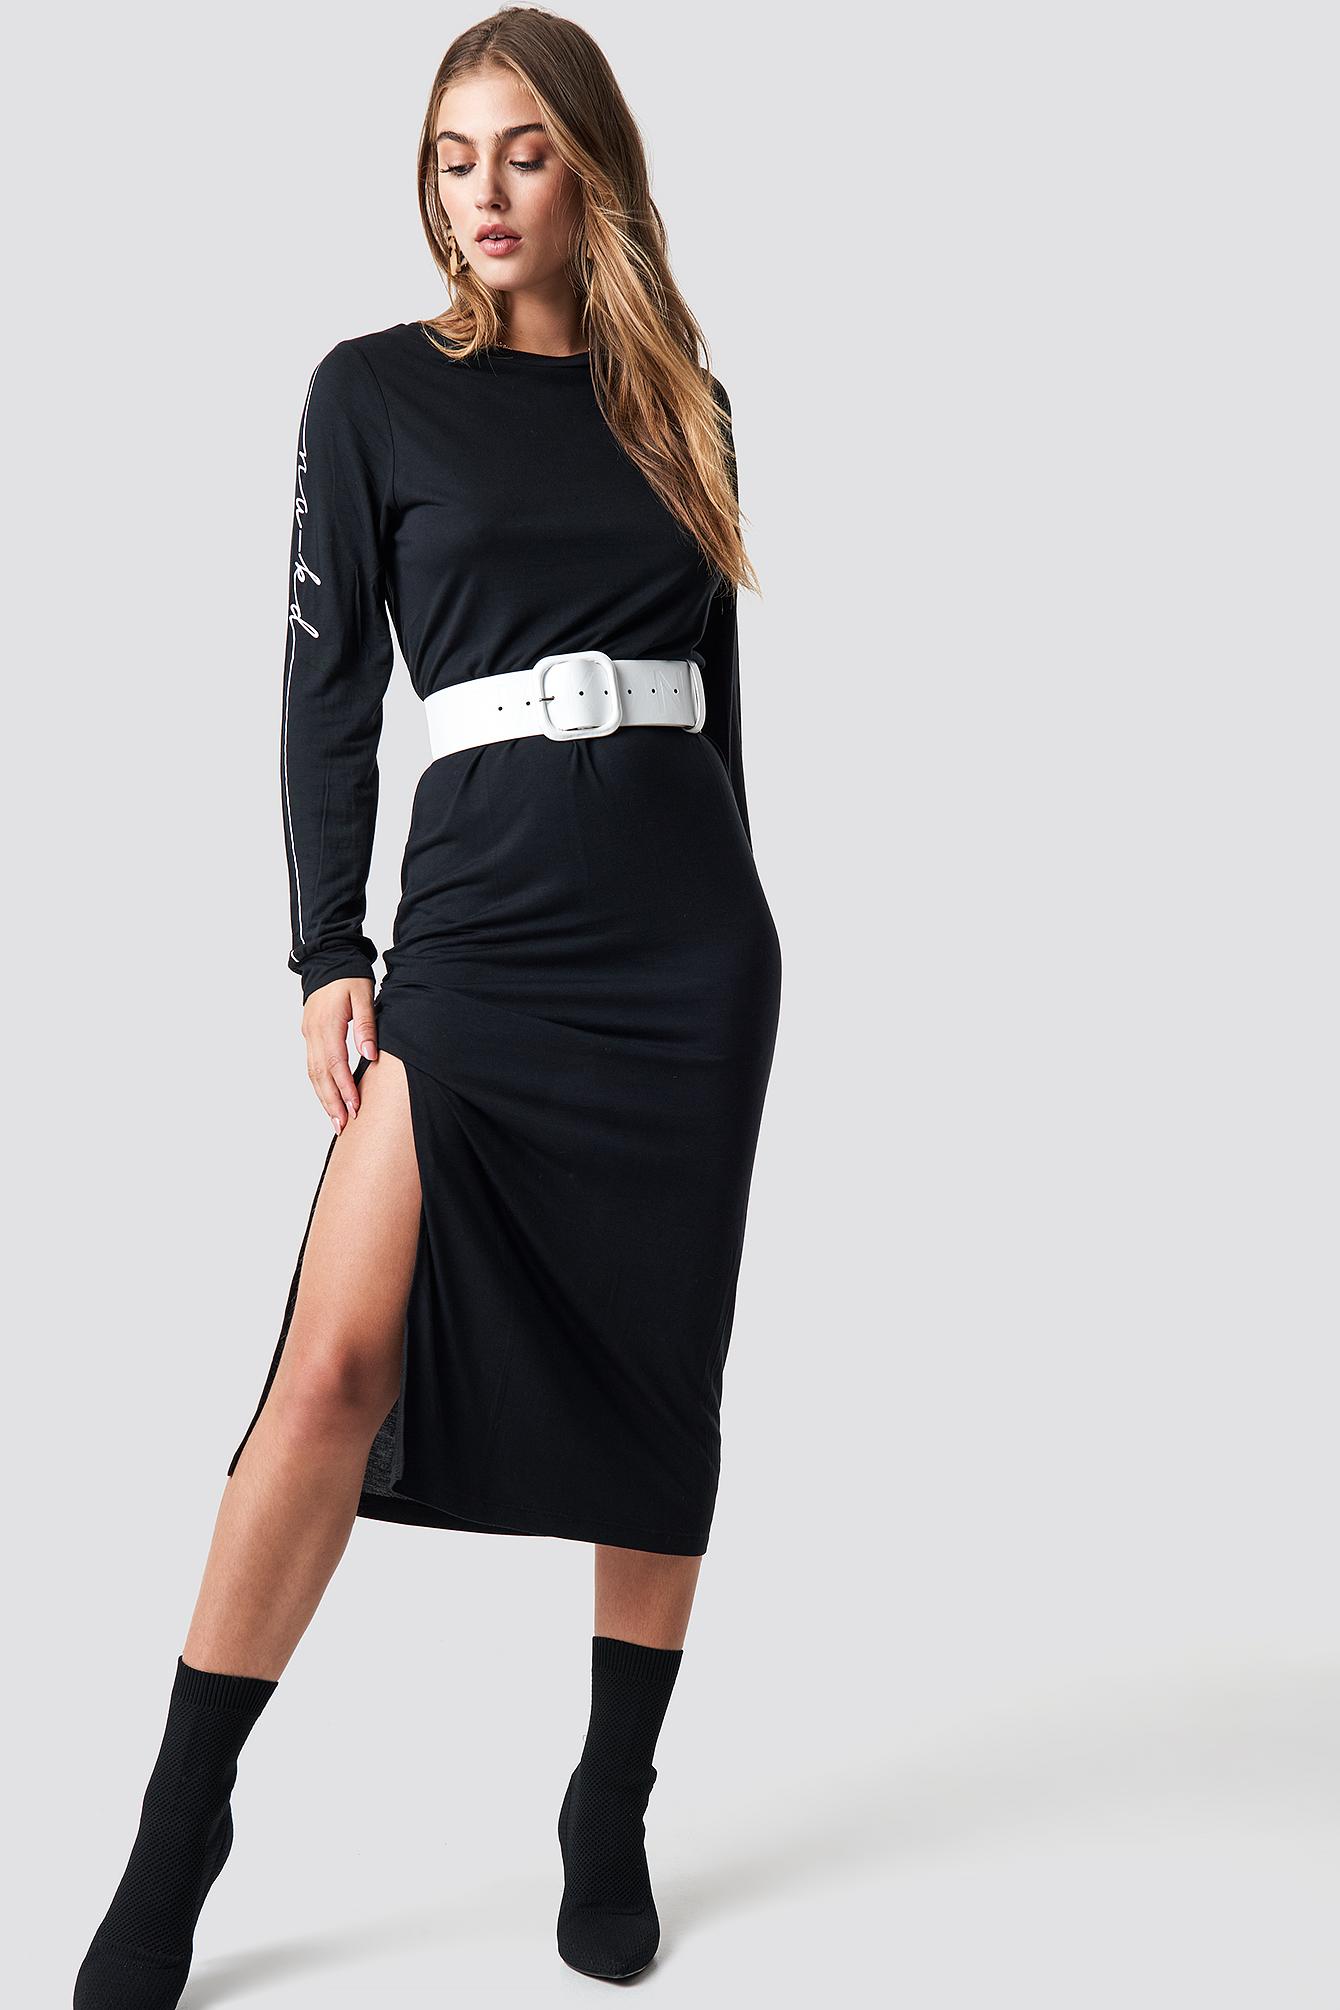 Sleeve Print Viscose Dress NA-KD.COM